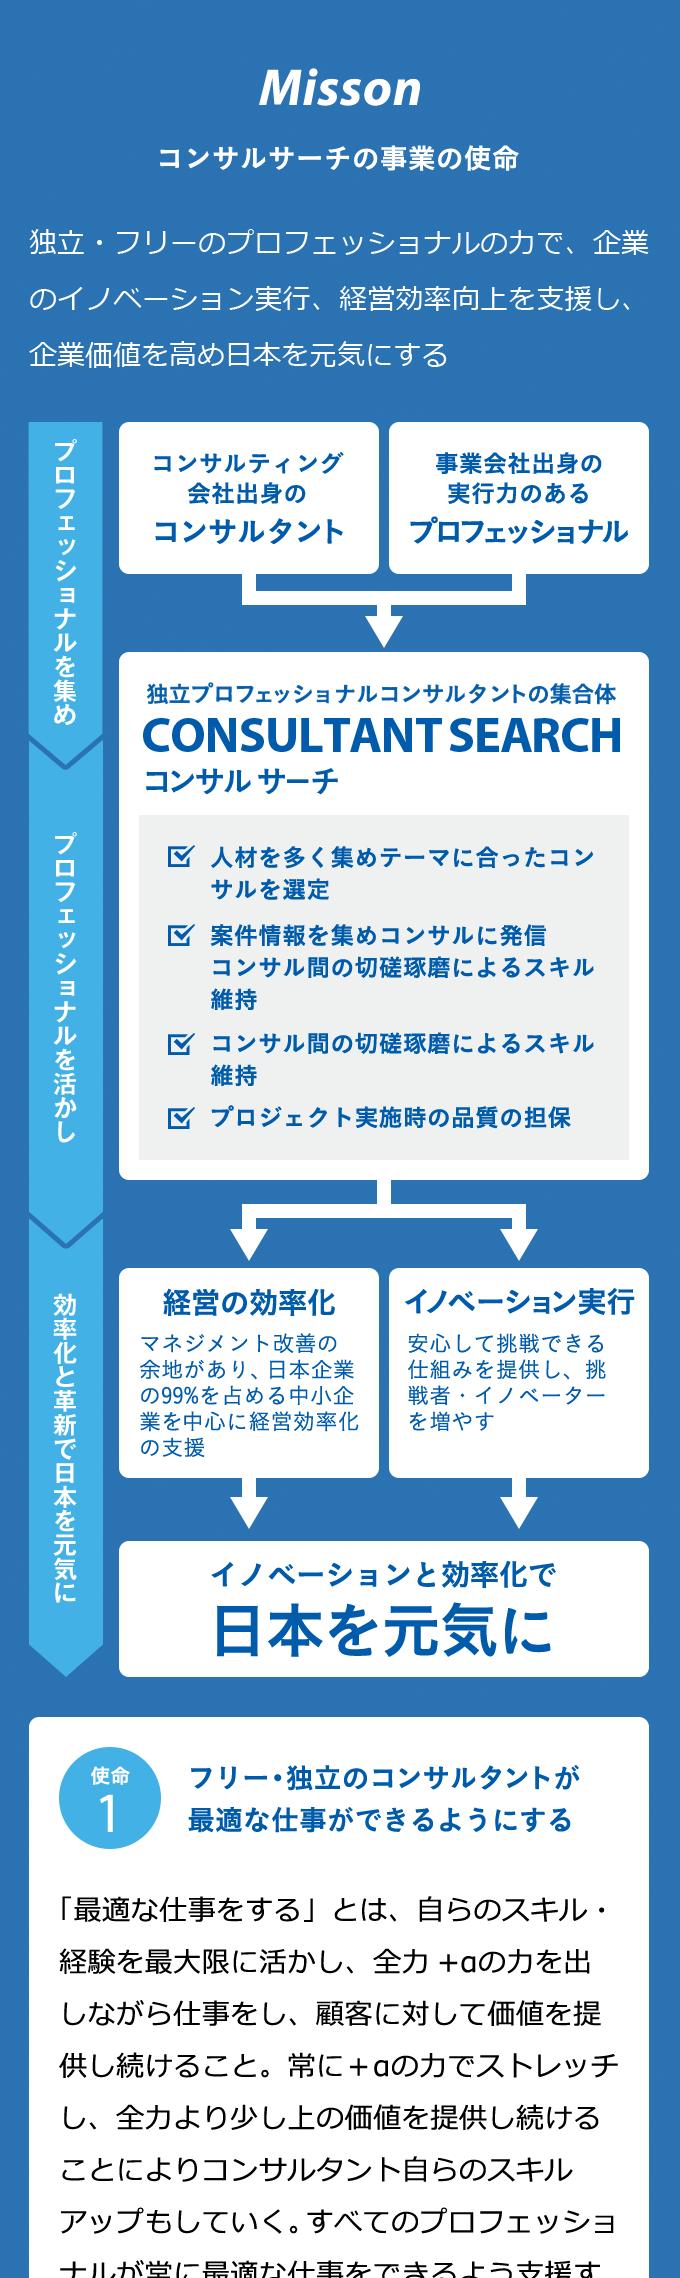 ワークスタイルラボ様 レスポンシブwebデザイン適用 スマホビュー03